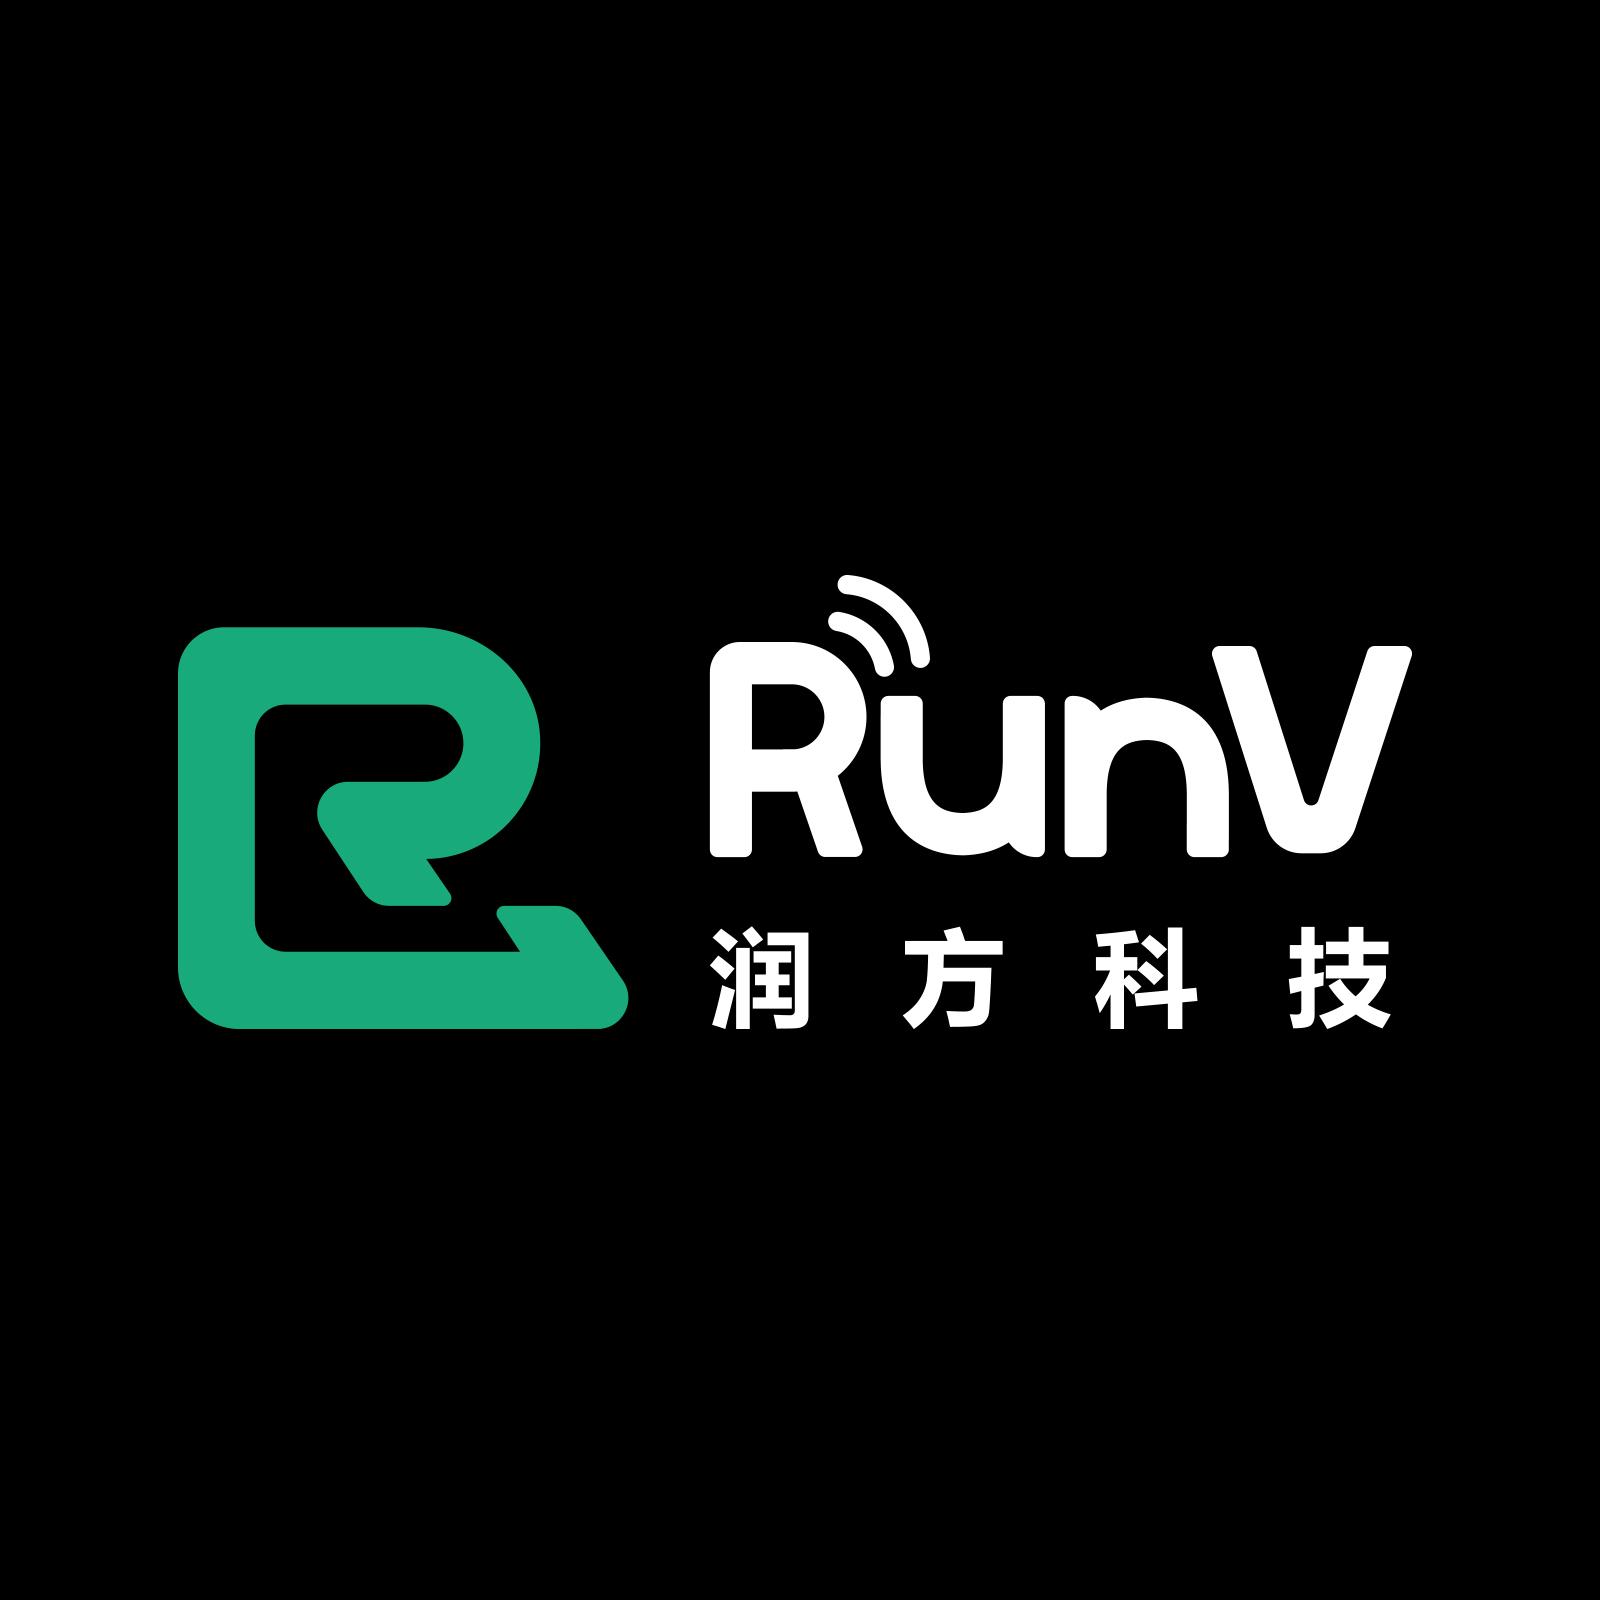 深圳市润方科技有限公司